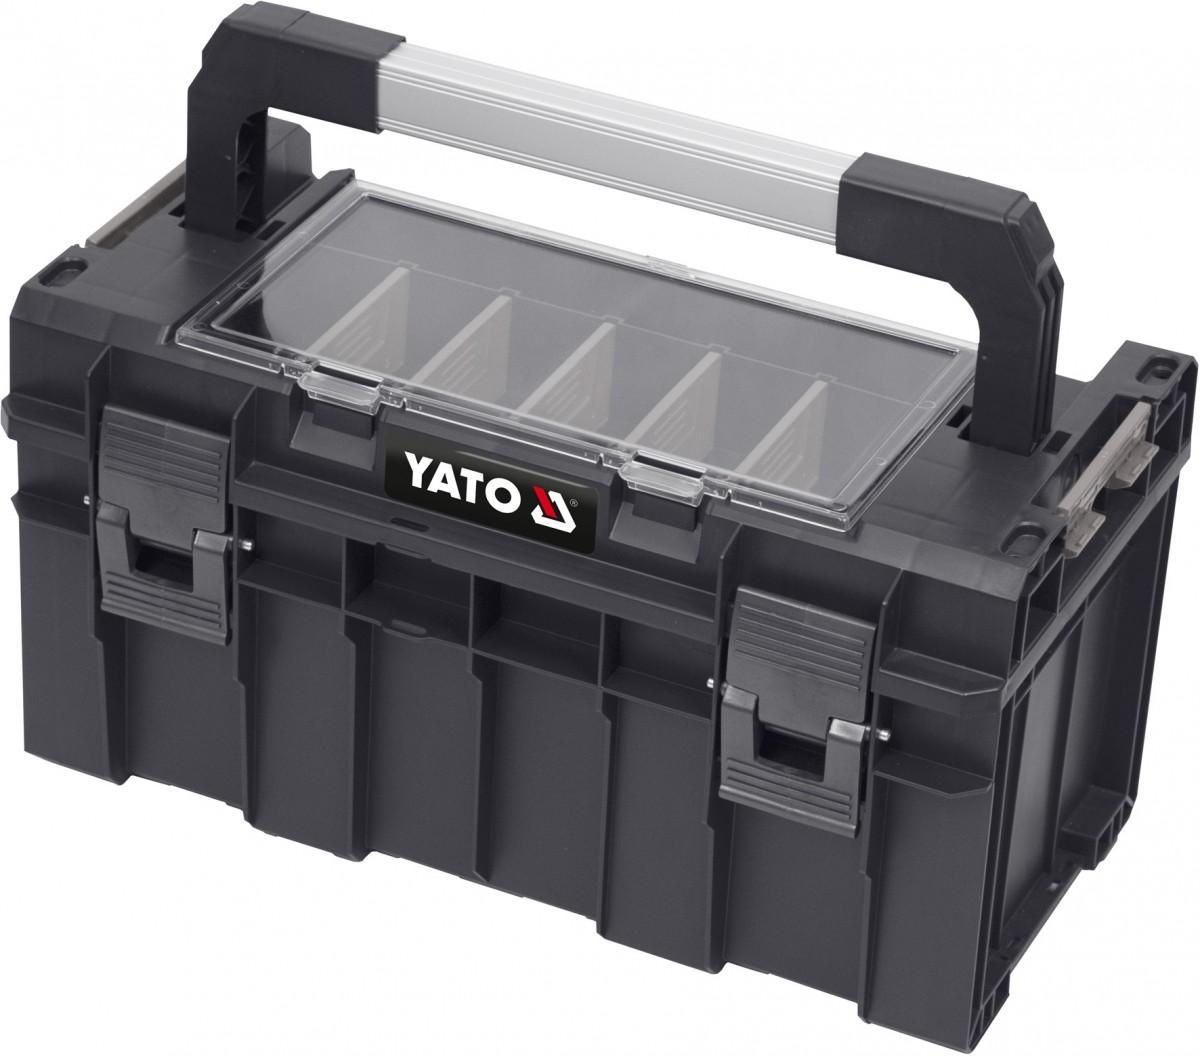 YATO Kufr na nářadí plastový box s organizérem 450x260x240mm YT-09183 Nářadí 2.38Kg YT-09183